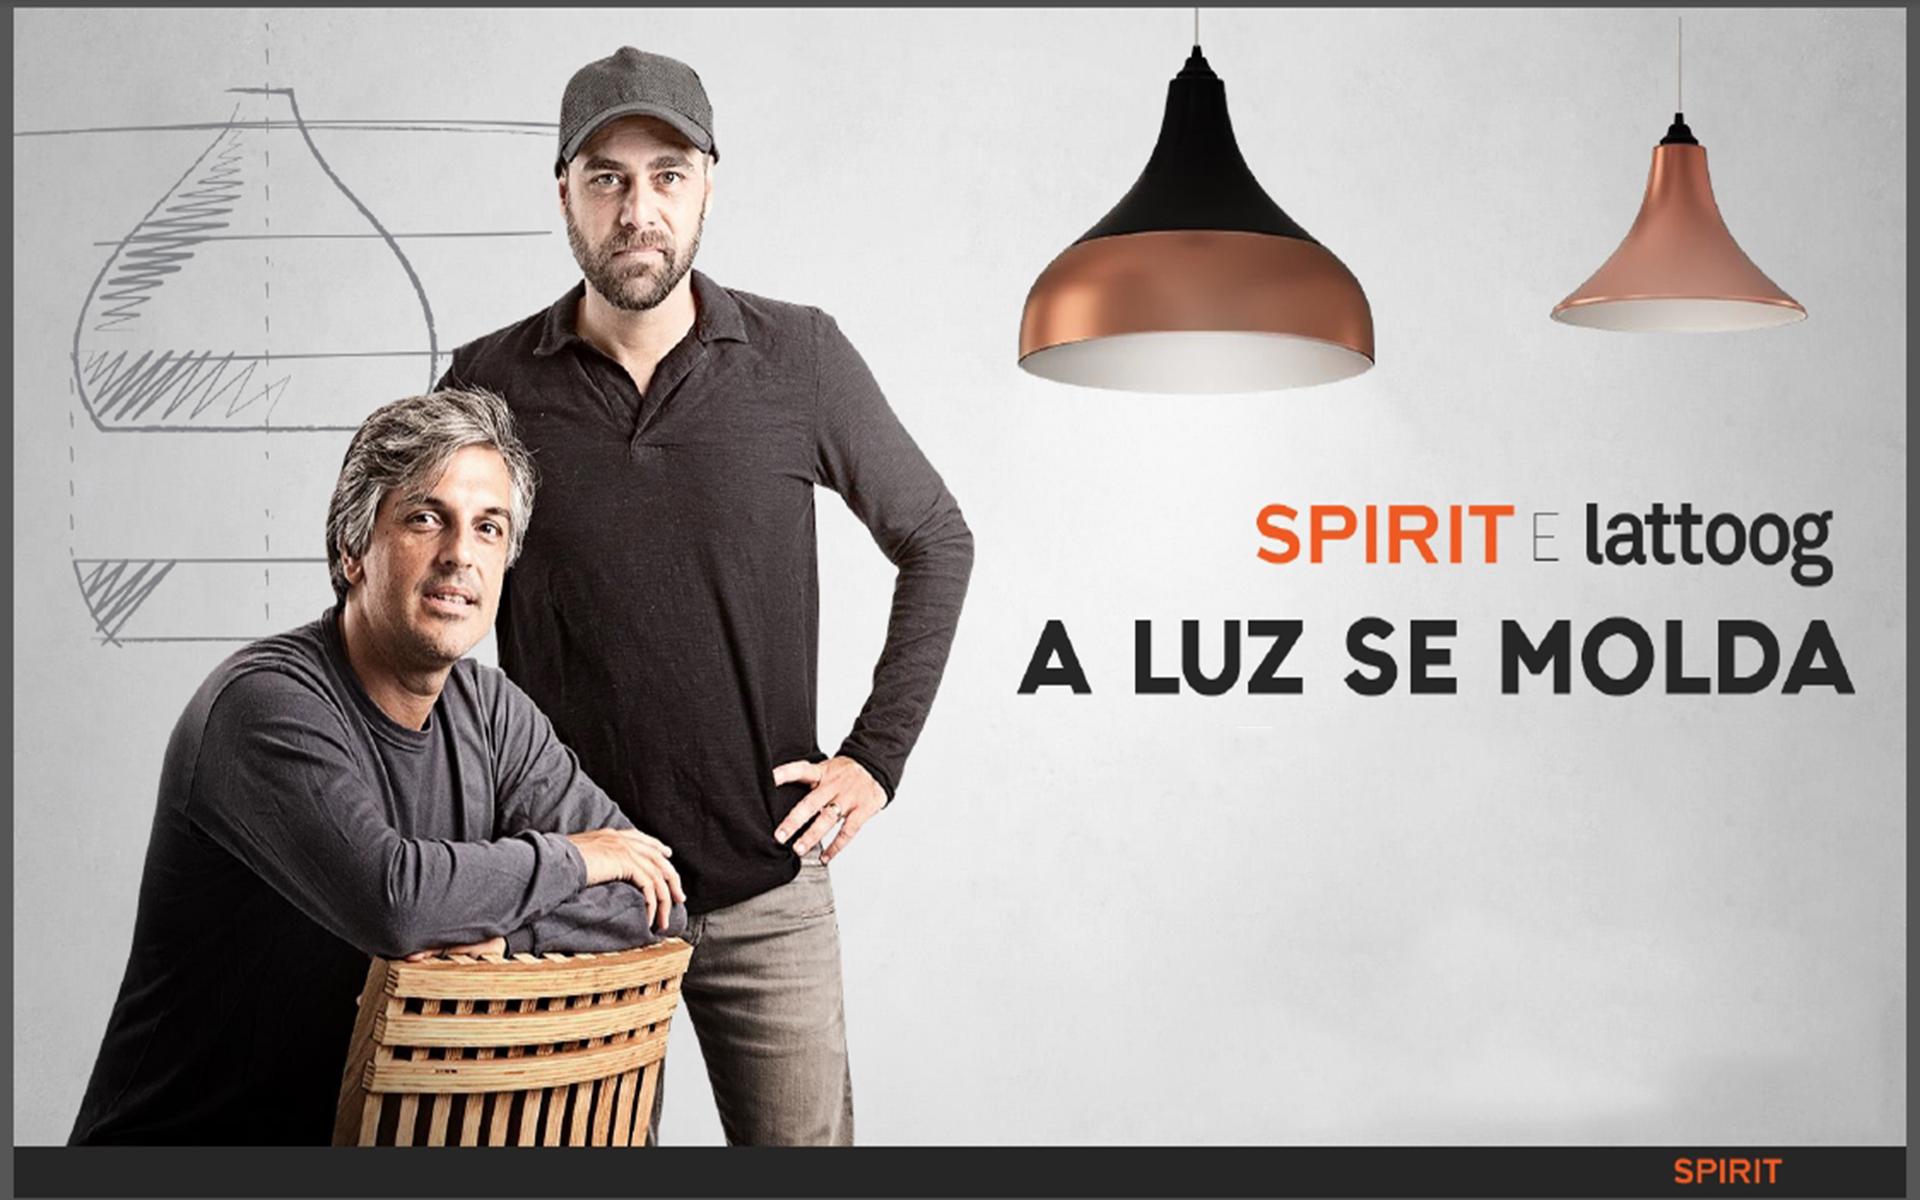 ventilador de teto Spirit - Blog Myspirit - capa blog - luminária Pendente Spirit Combine - luminária Combine